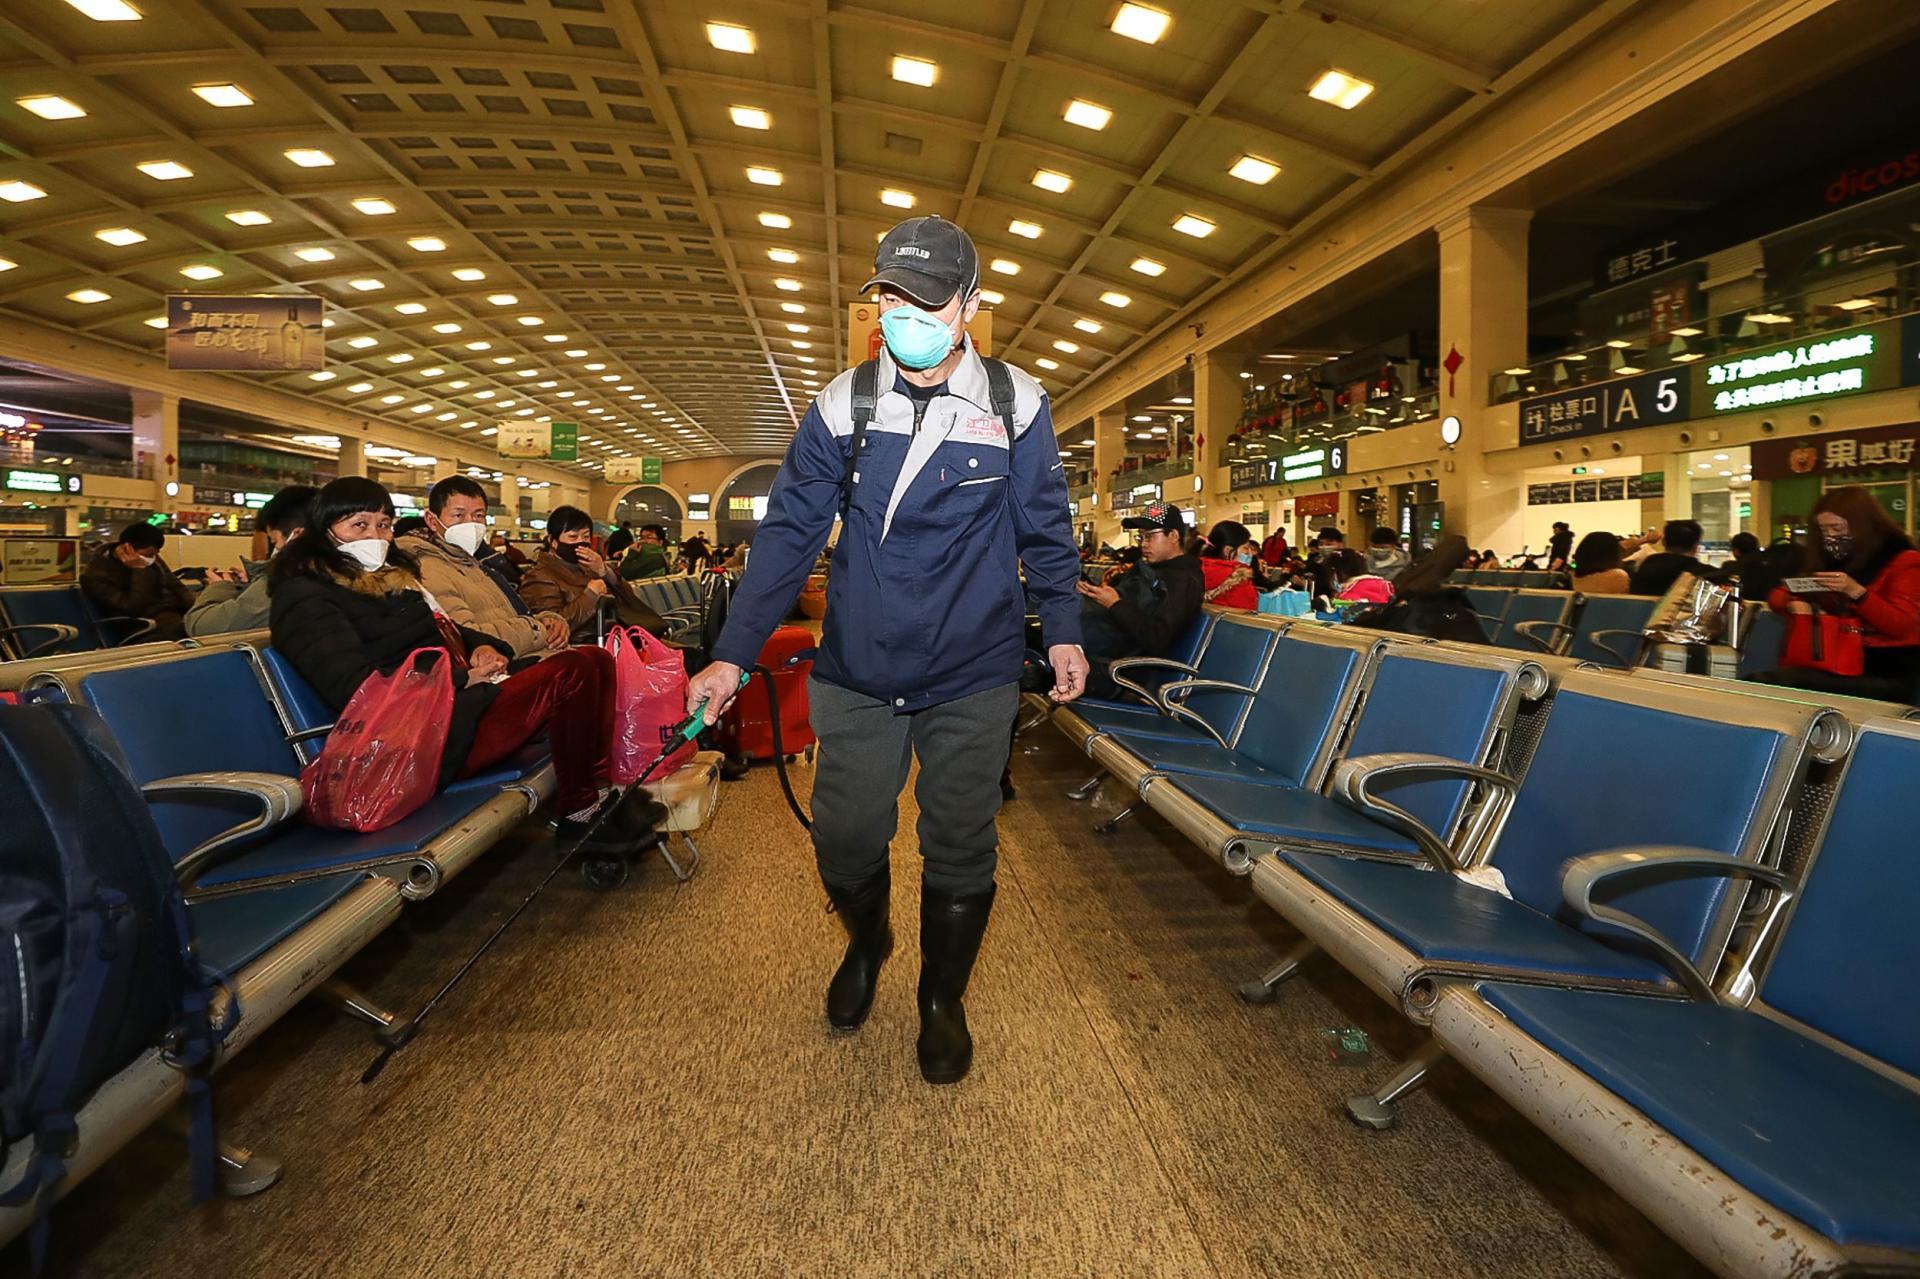 Un employé de la gare de Hankou à Wuhan désinfecte les lieux, le 22 janvier.